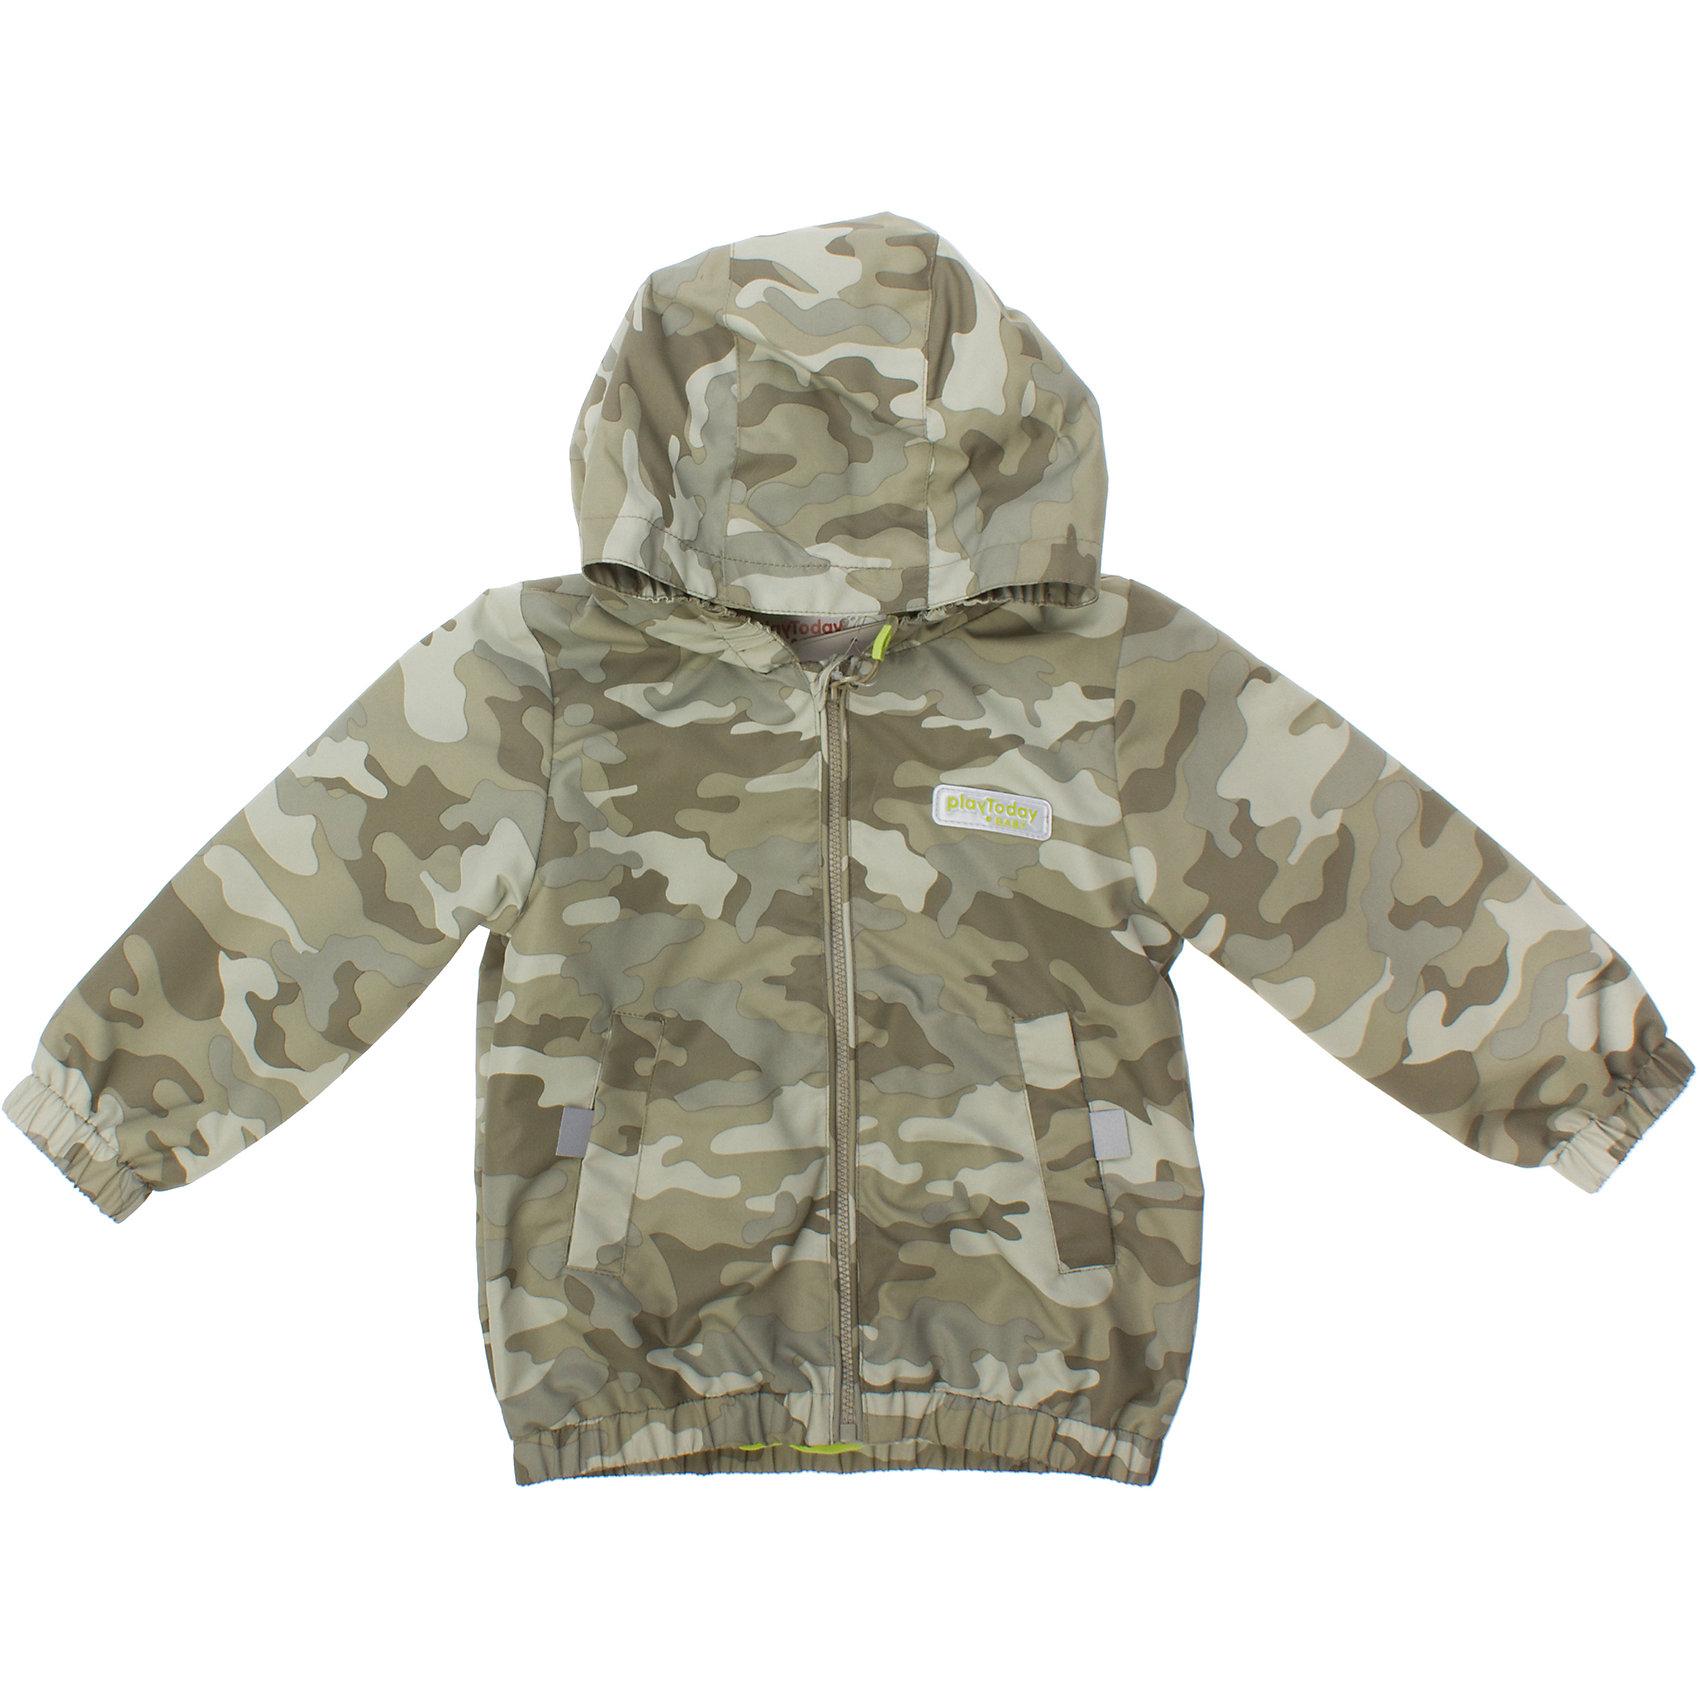 Куртка для мальчика PlayTodayКуртка для мальчика PlayToday <br><br>Состав: <br>Верх: 100% полиэстер<br>Подкладка: 100% хлопок <br><br>В стиле милитари<br>Капюшон, рукава и них на резинке<br>Два кармашка<br>Внутри мягкая трикотажная подкладка ярко-зеленого цвета<br>Застегивается на молнию с защитой подбородка<br>Удобный пуллер<br><br>Ширина мм: 356<br>Глубина мм: 10<br>Высота мм: 245<br>Вес г: 519<br>Цвет: серый<br>Возраст от месяцев: 9<br>Возраст до месяцев: 12<br>Пол: Мужской<br>Возраст: Детский<br>Размер: 74,92,80,86<br>SKU: 4502882